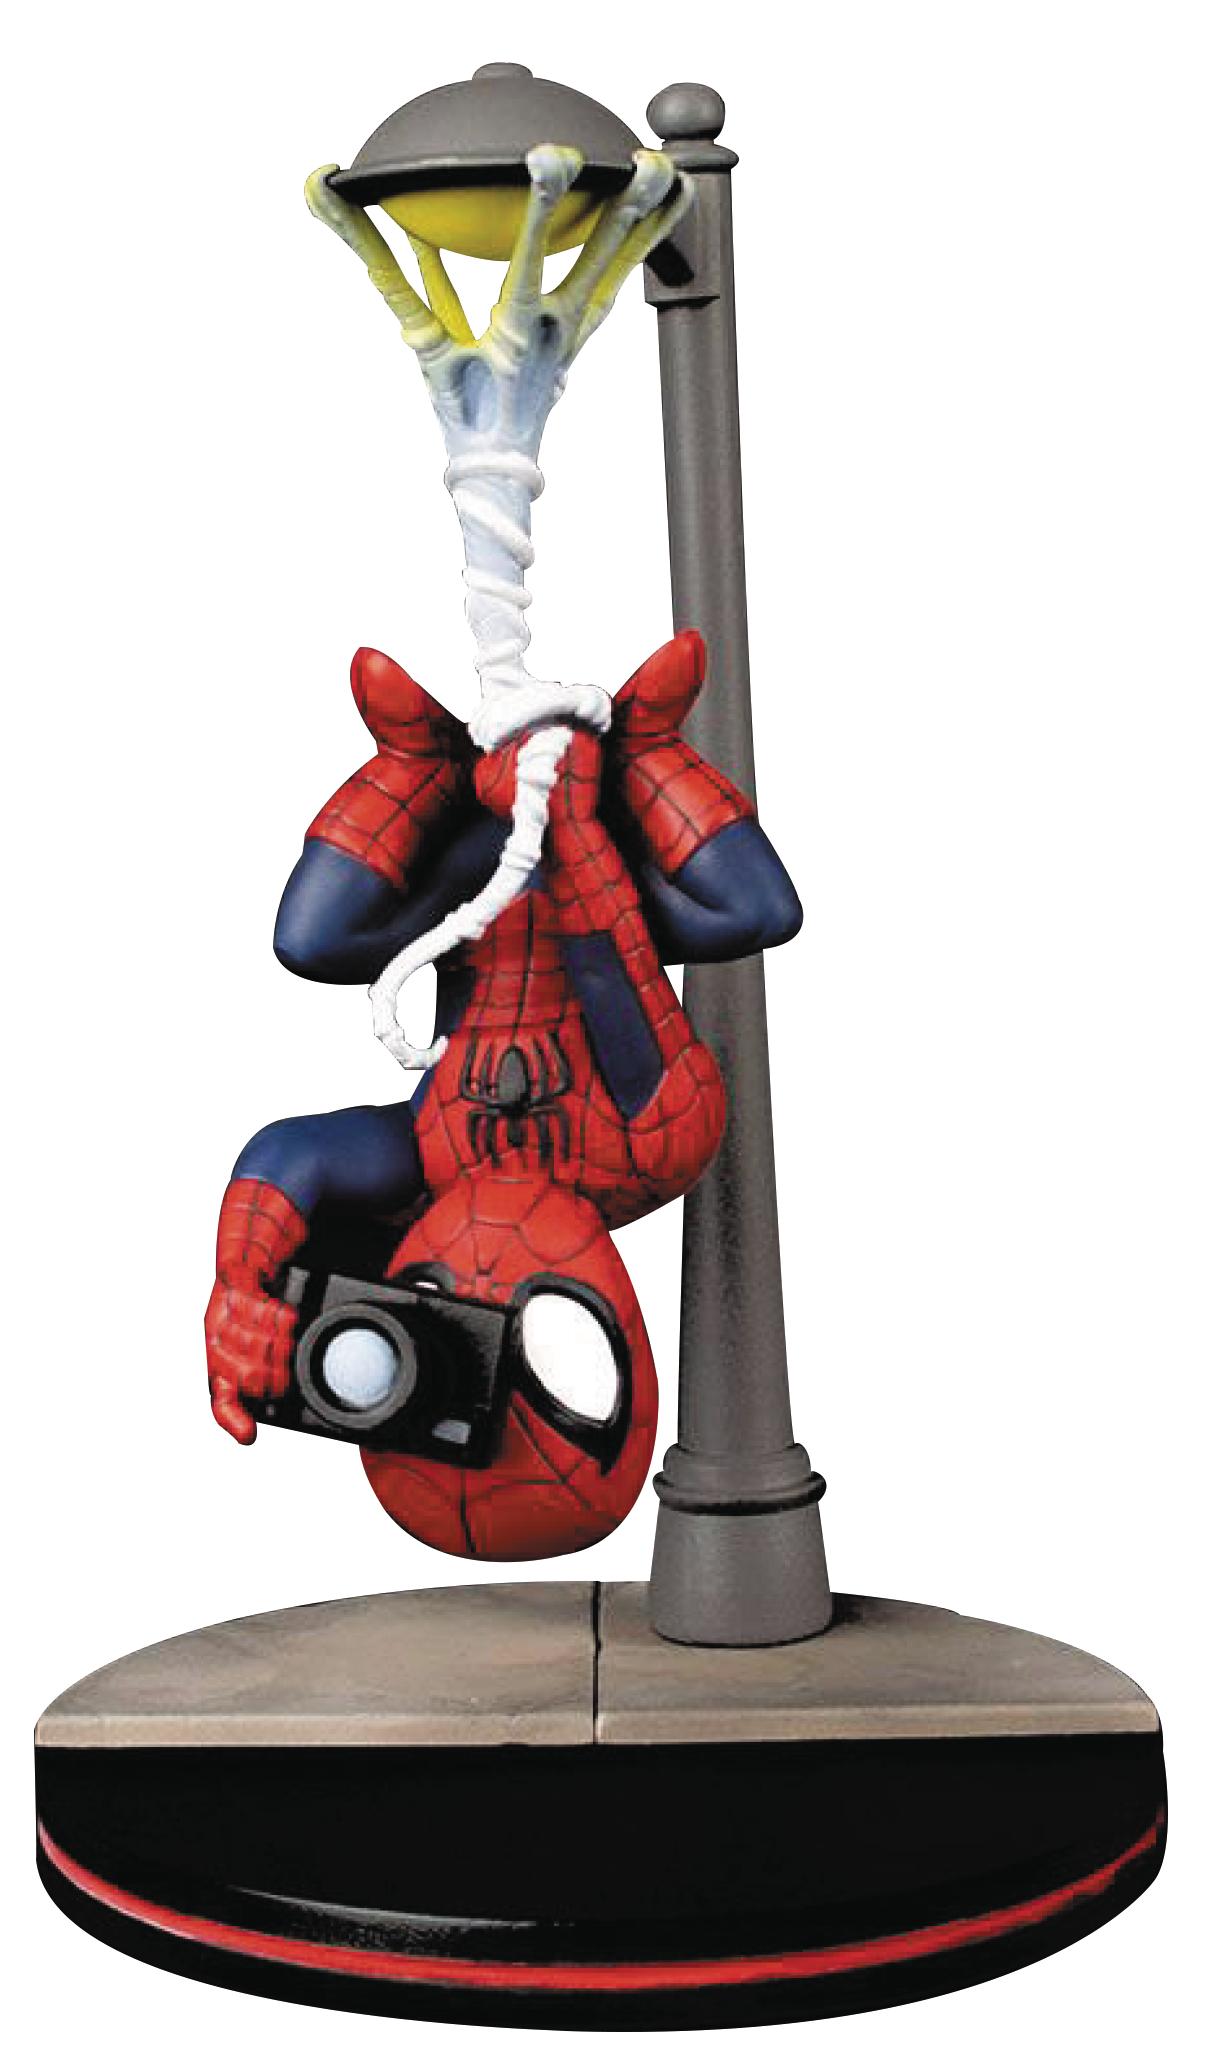 quantum-mechanics-marvel-spiderman-cam-q-fig-toyslife